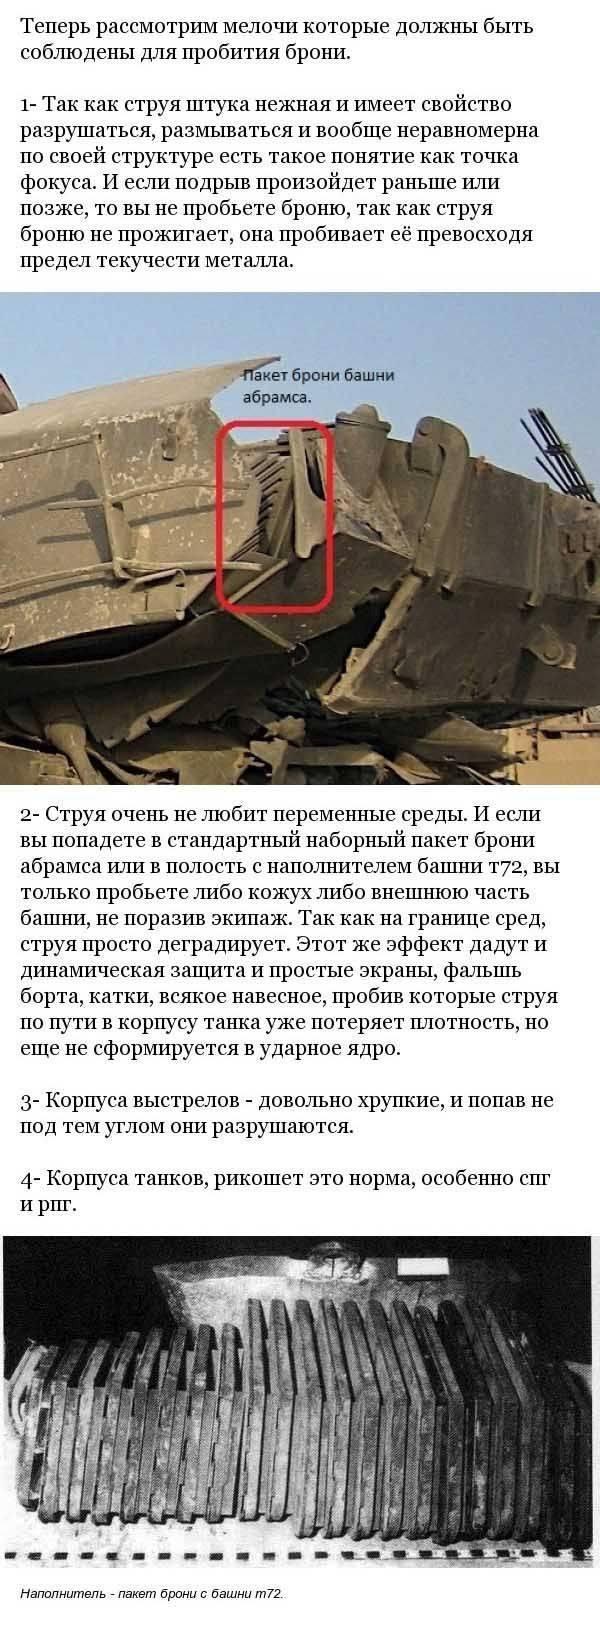 «убийцы бронетехники»: почему кумулятивные снаряды уничтожают танки | русская семерка